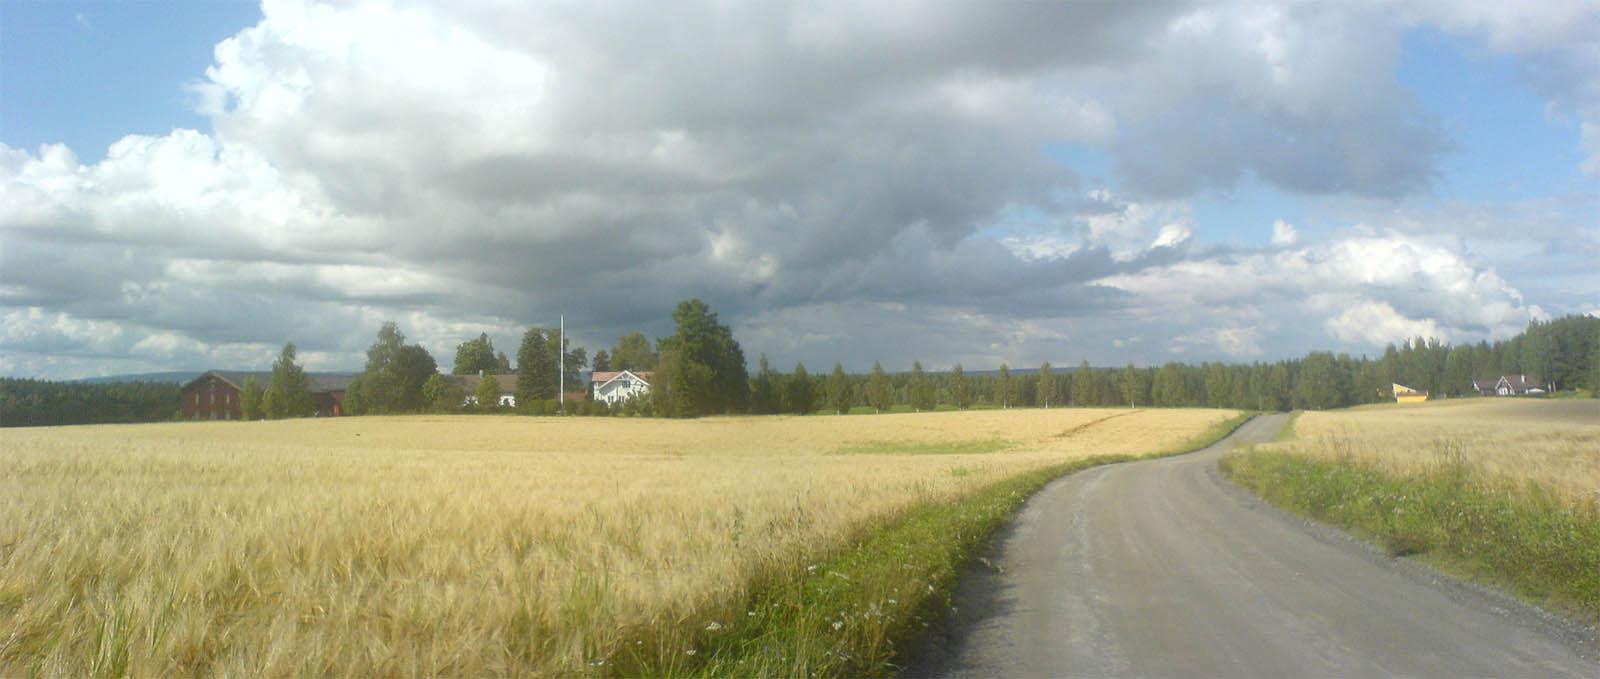 Ådalsbruk (Norway)